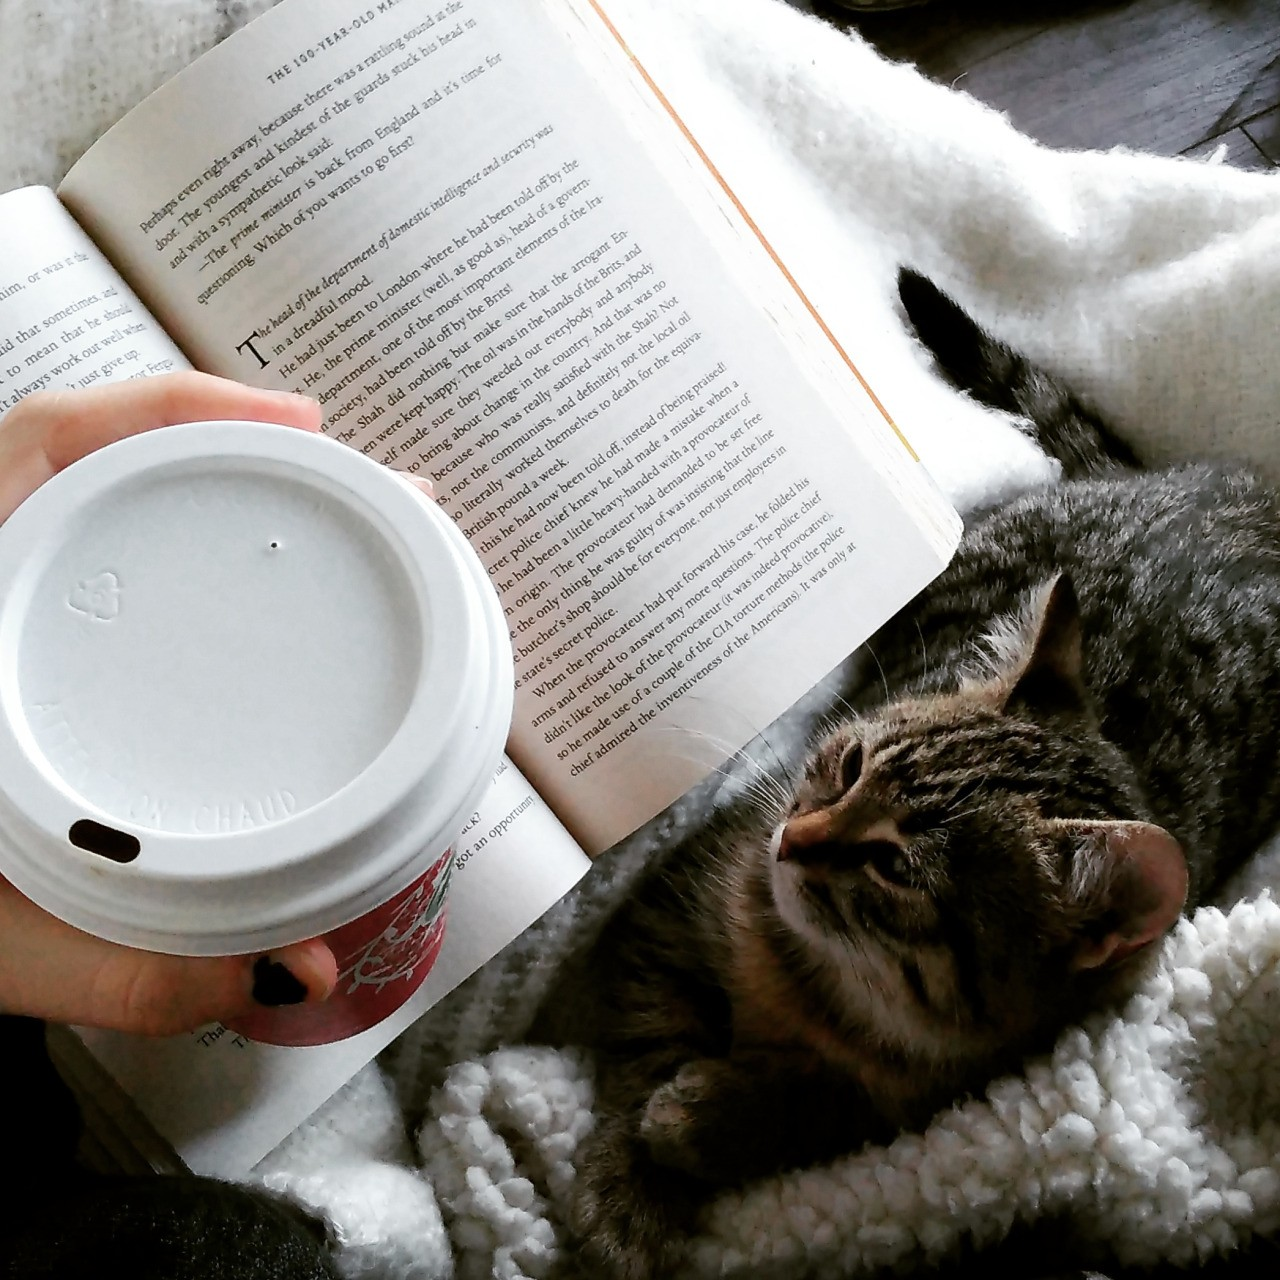 11 livros que todos deveriam conhecer, segundo os leitores